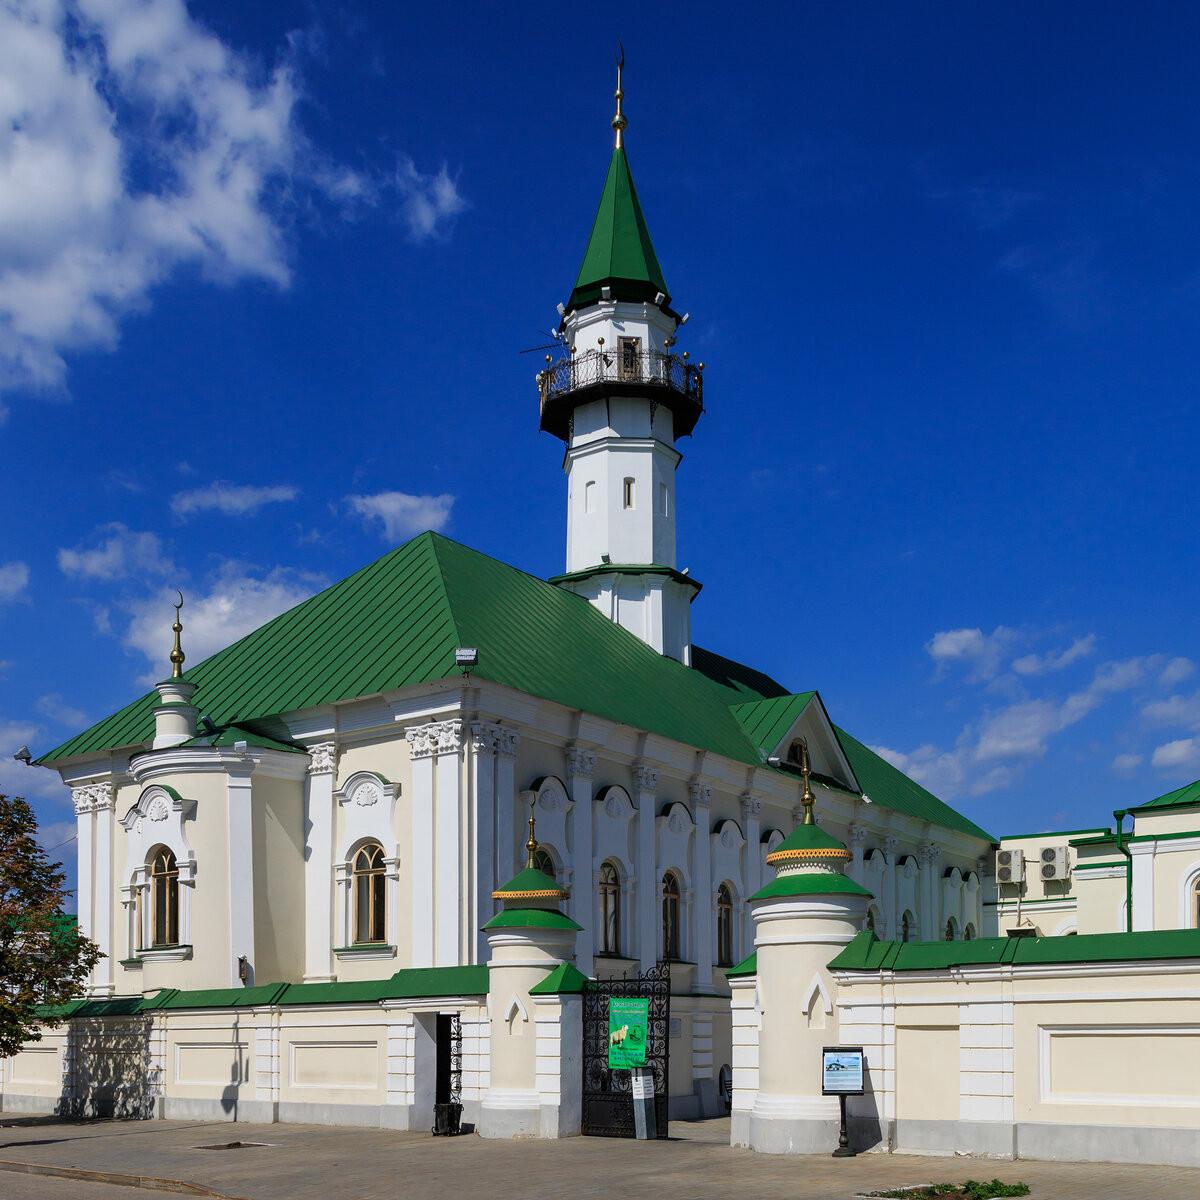 Фото: Мечеть аль-Марджани